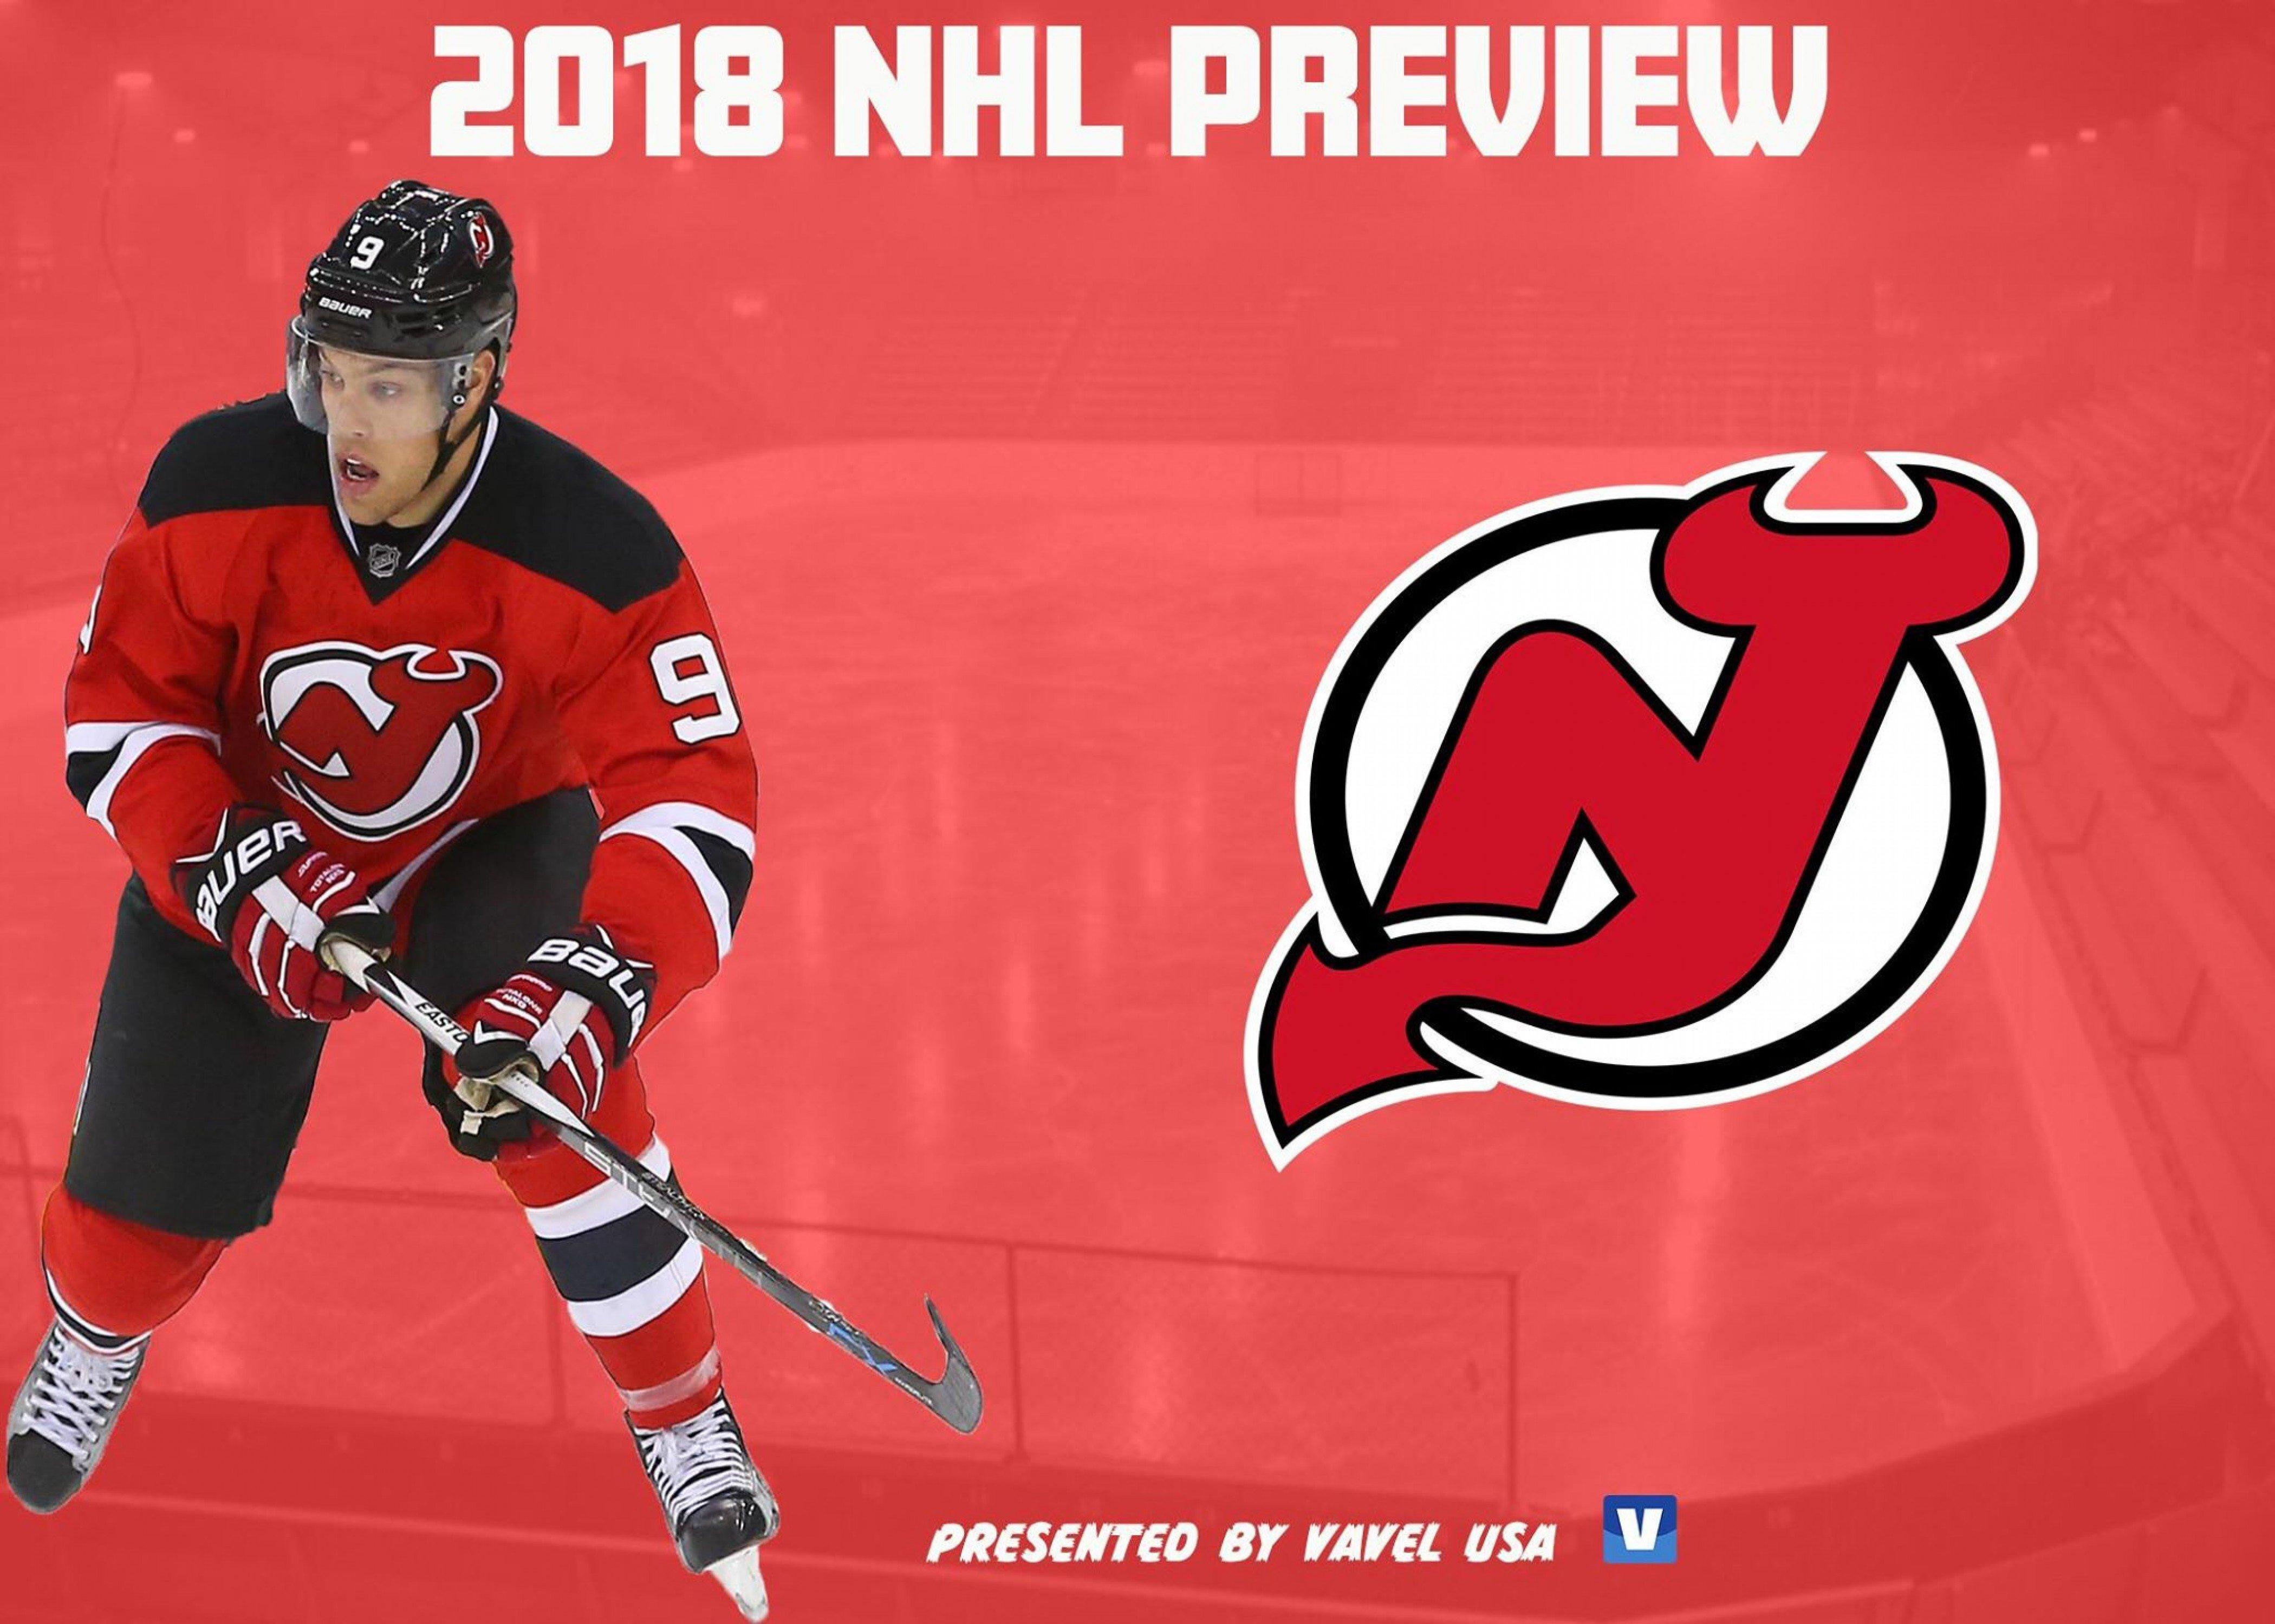 New Jersey Devils: NHL 2018/19 season preview